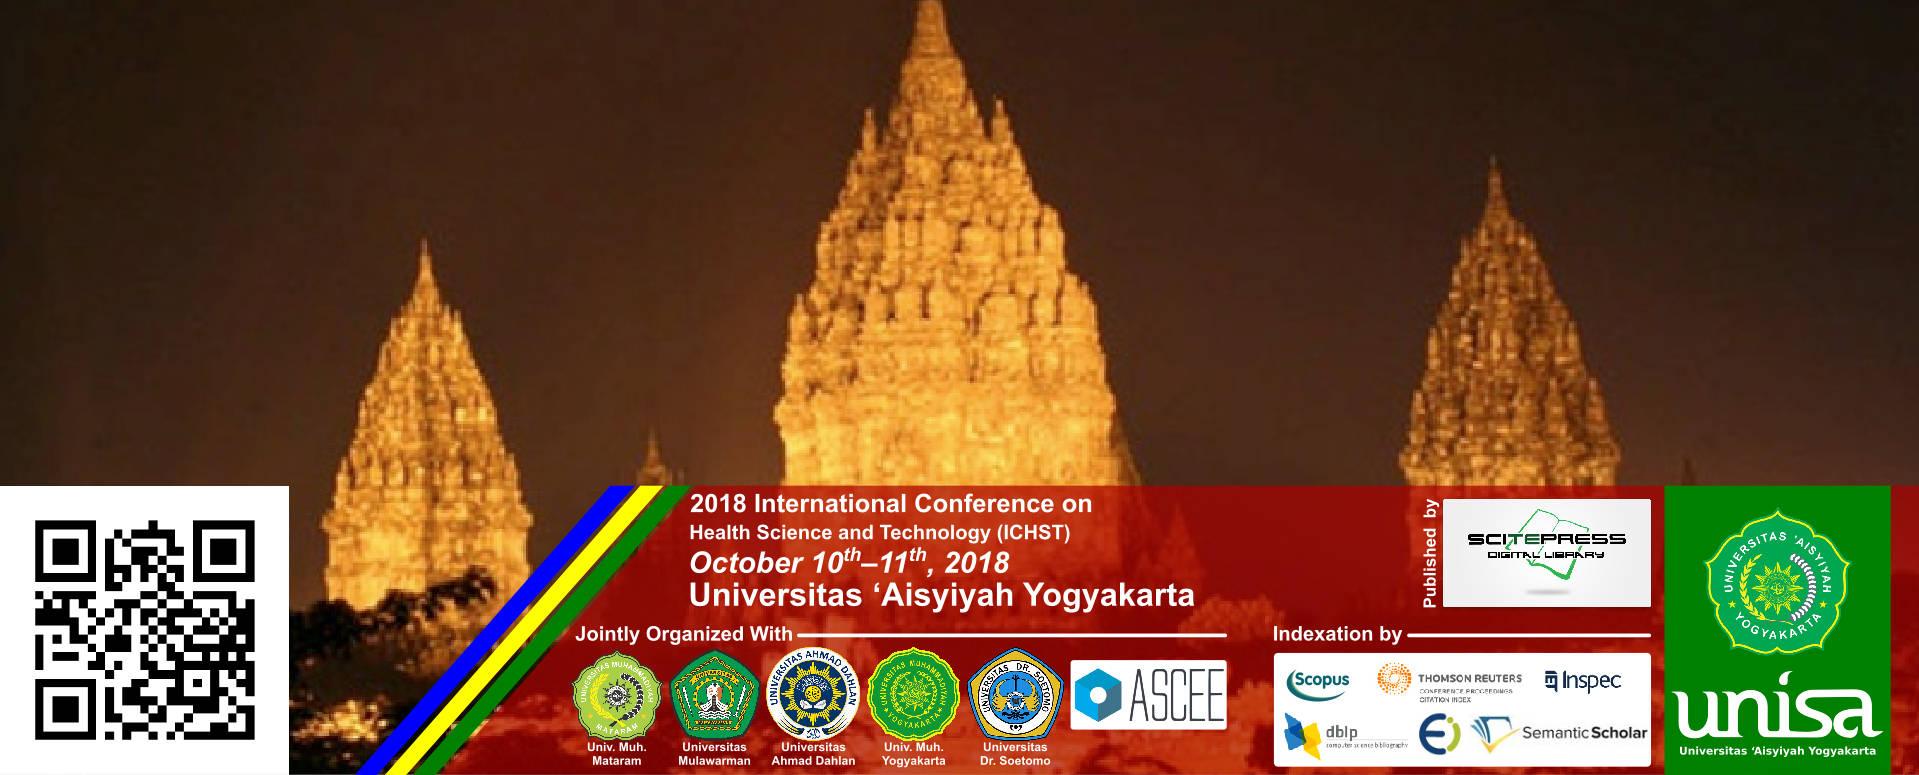 Ichst 2018 Unisa Yogyakarta